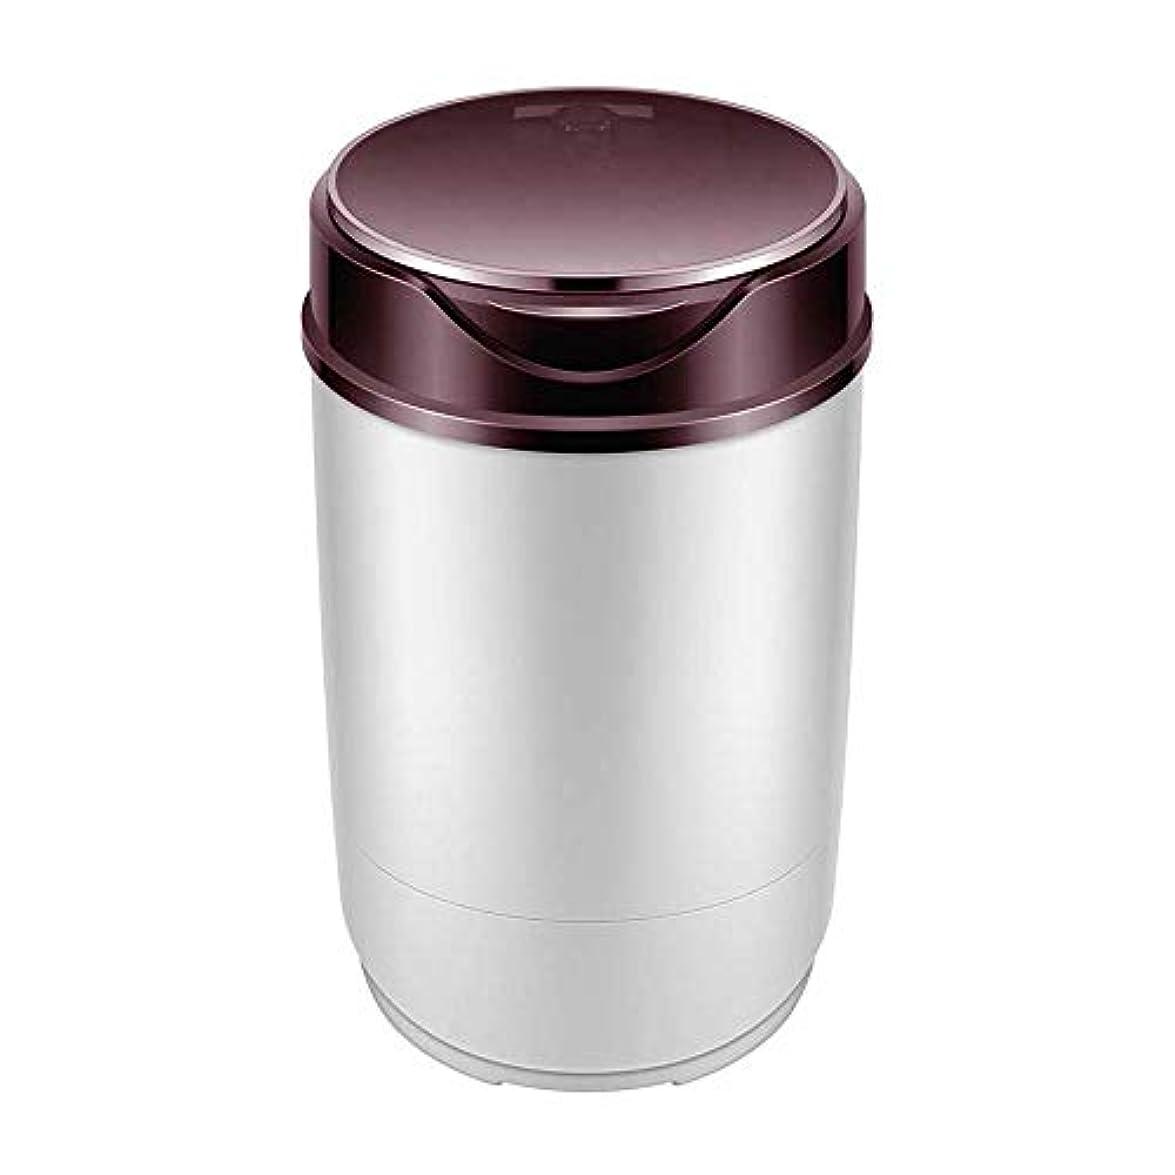 恥ずかしい気配りのある適度な取り外し可能なミニ洗濯機コンパクトカウンタートップ洗濯機、ベビーシングル浴槽洗濯機は、内蔵360、バスケットドレイン°細菌の増殖を減らすことができますブルーライト (Color : Red)